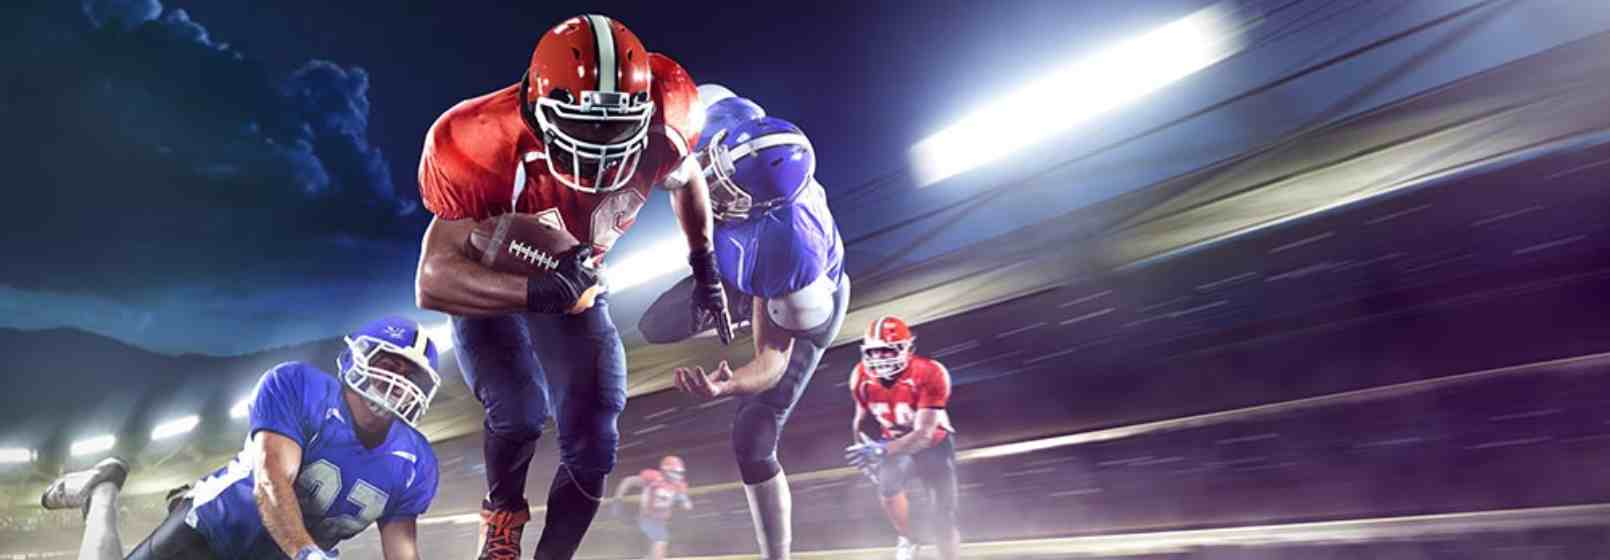 sloturi fotbal american